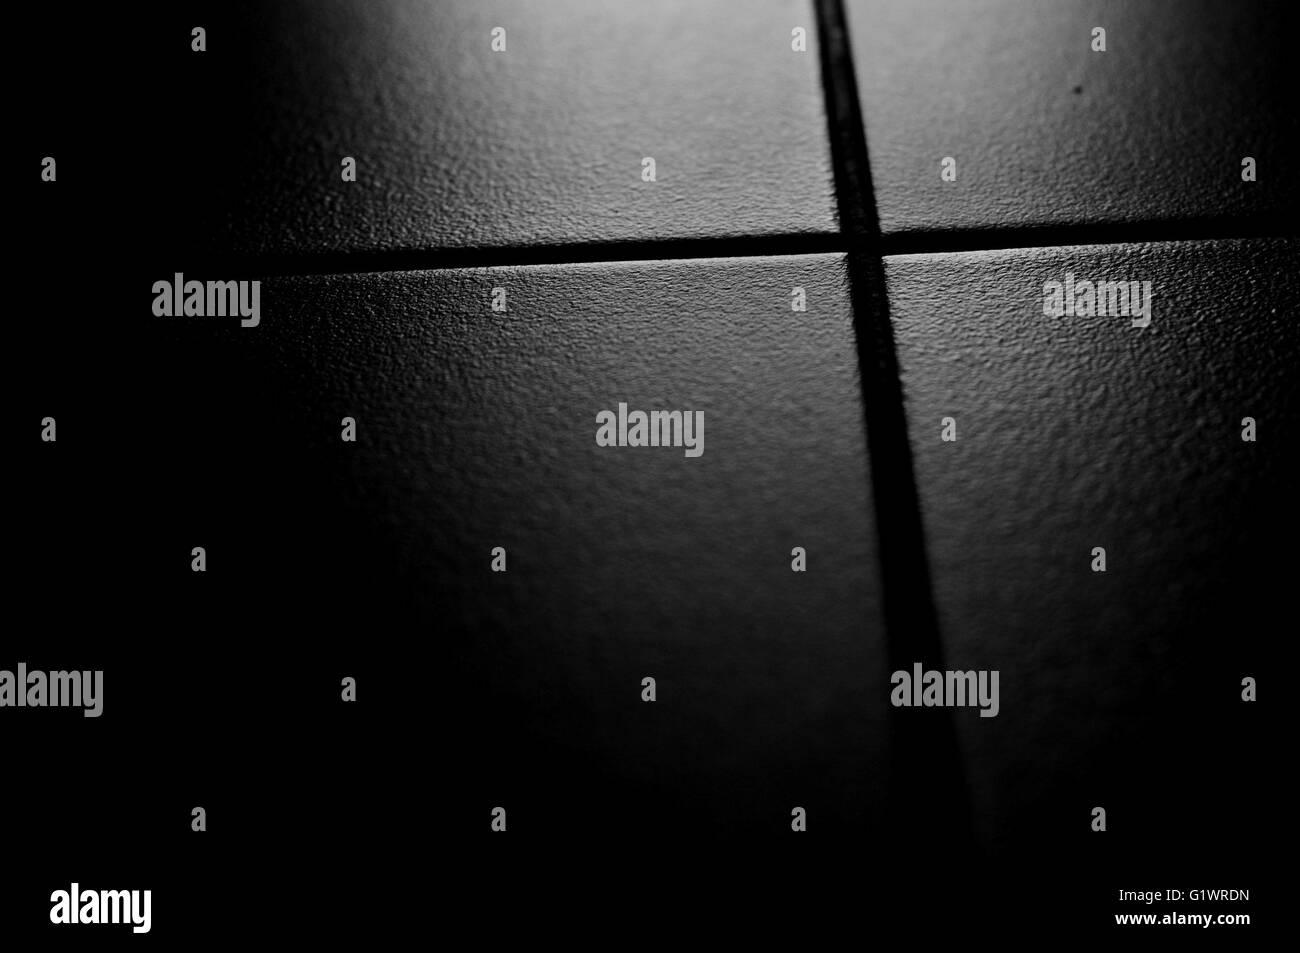 Fußboden Schwarz Weiß ~ Küche weiss boden schwarz hausgartenleben ch bauen wohnen garten